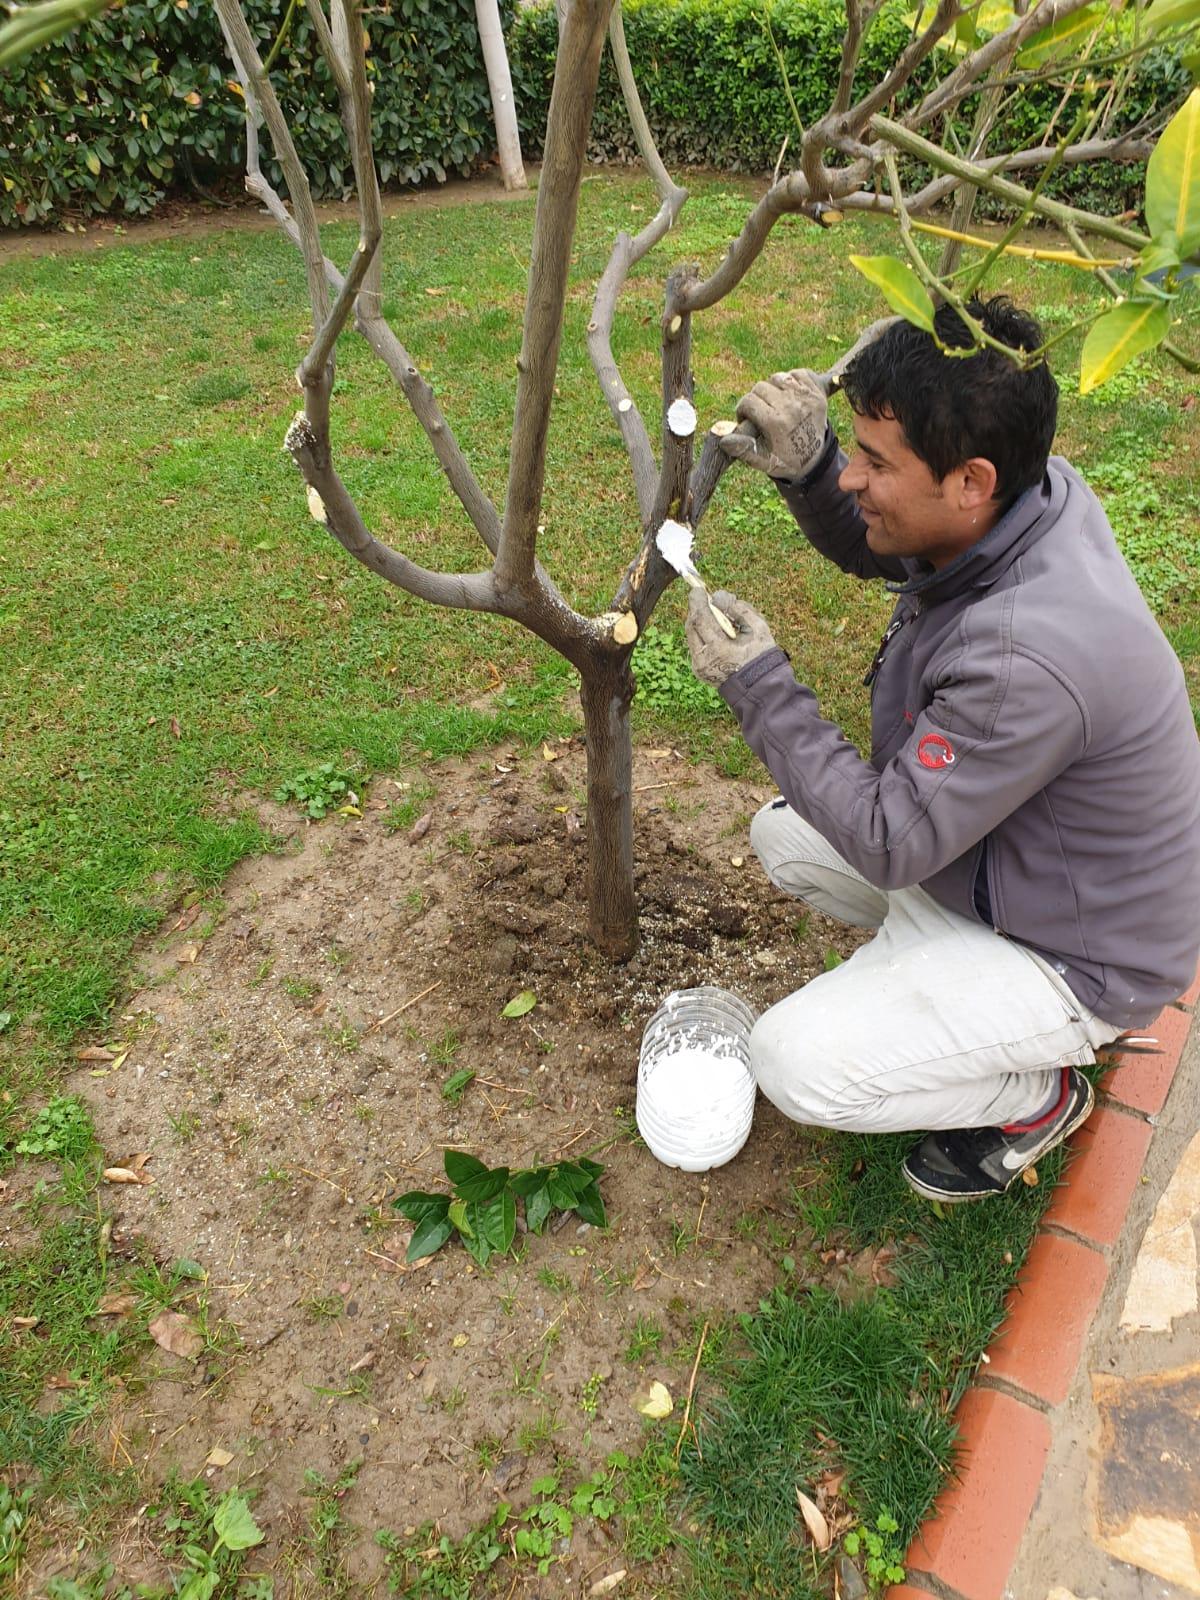 Mevsimlik bahçe işleri